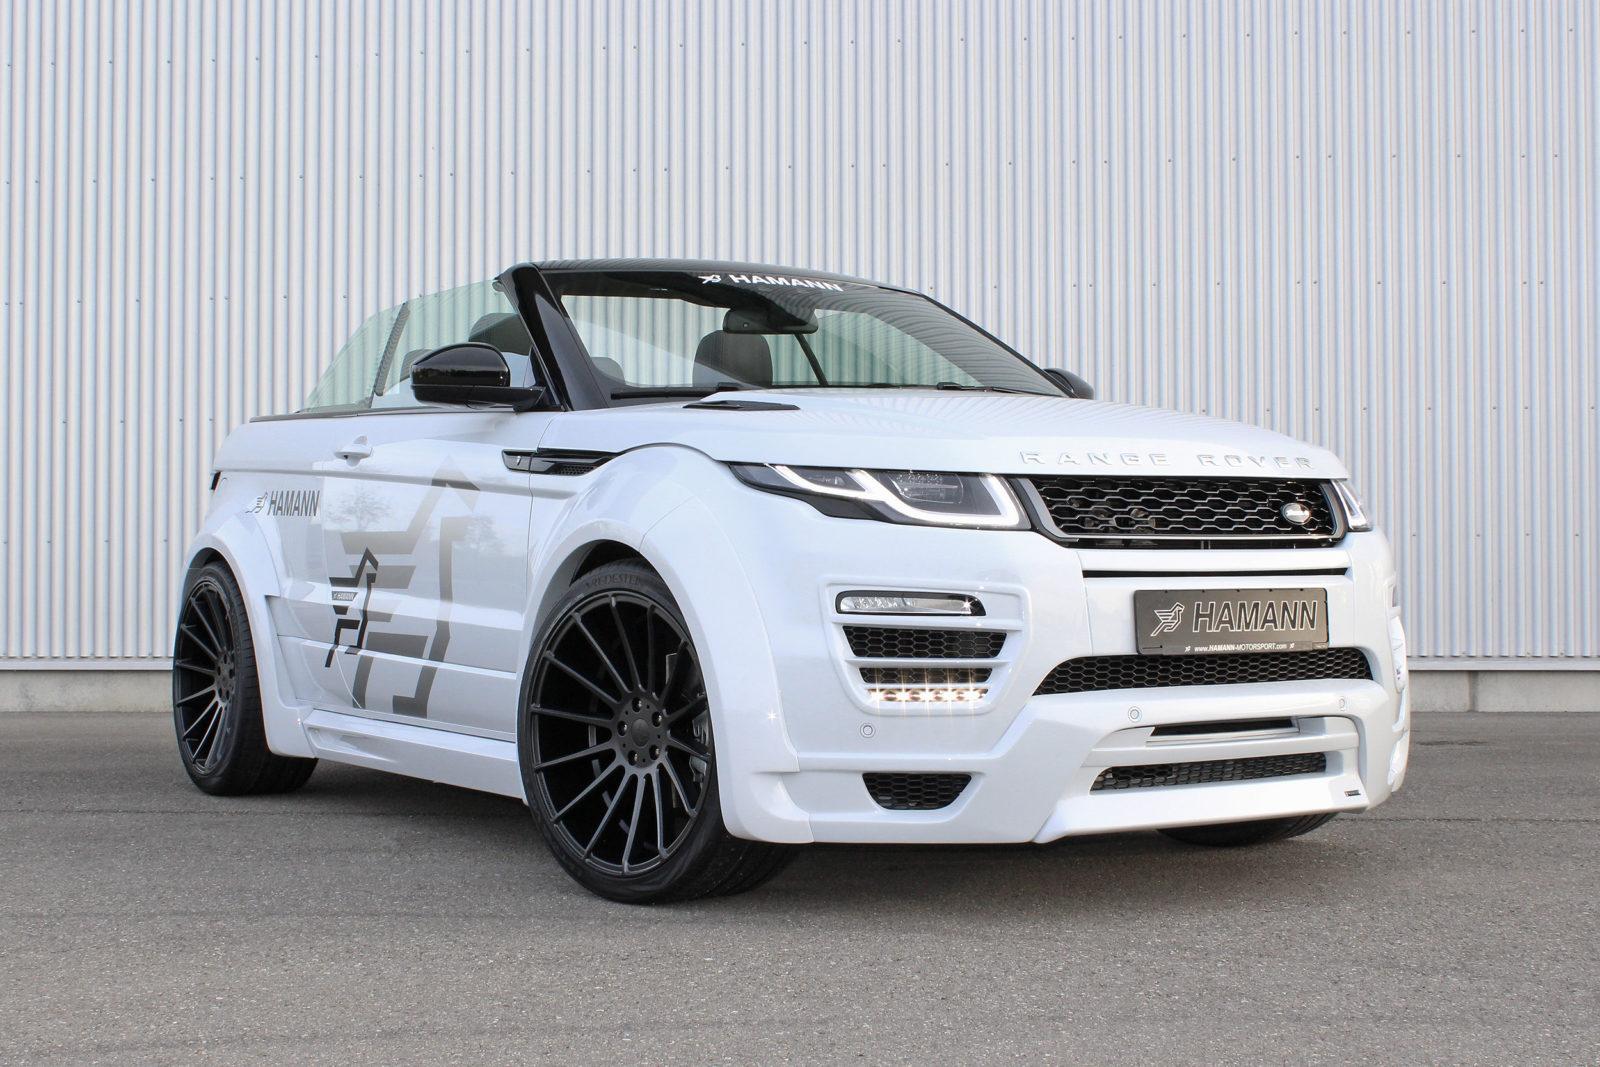 range rover evoque convertible tuning e cerchi in lega. Black Bedroom Furniture Sets. Home Design Ideas